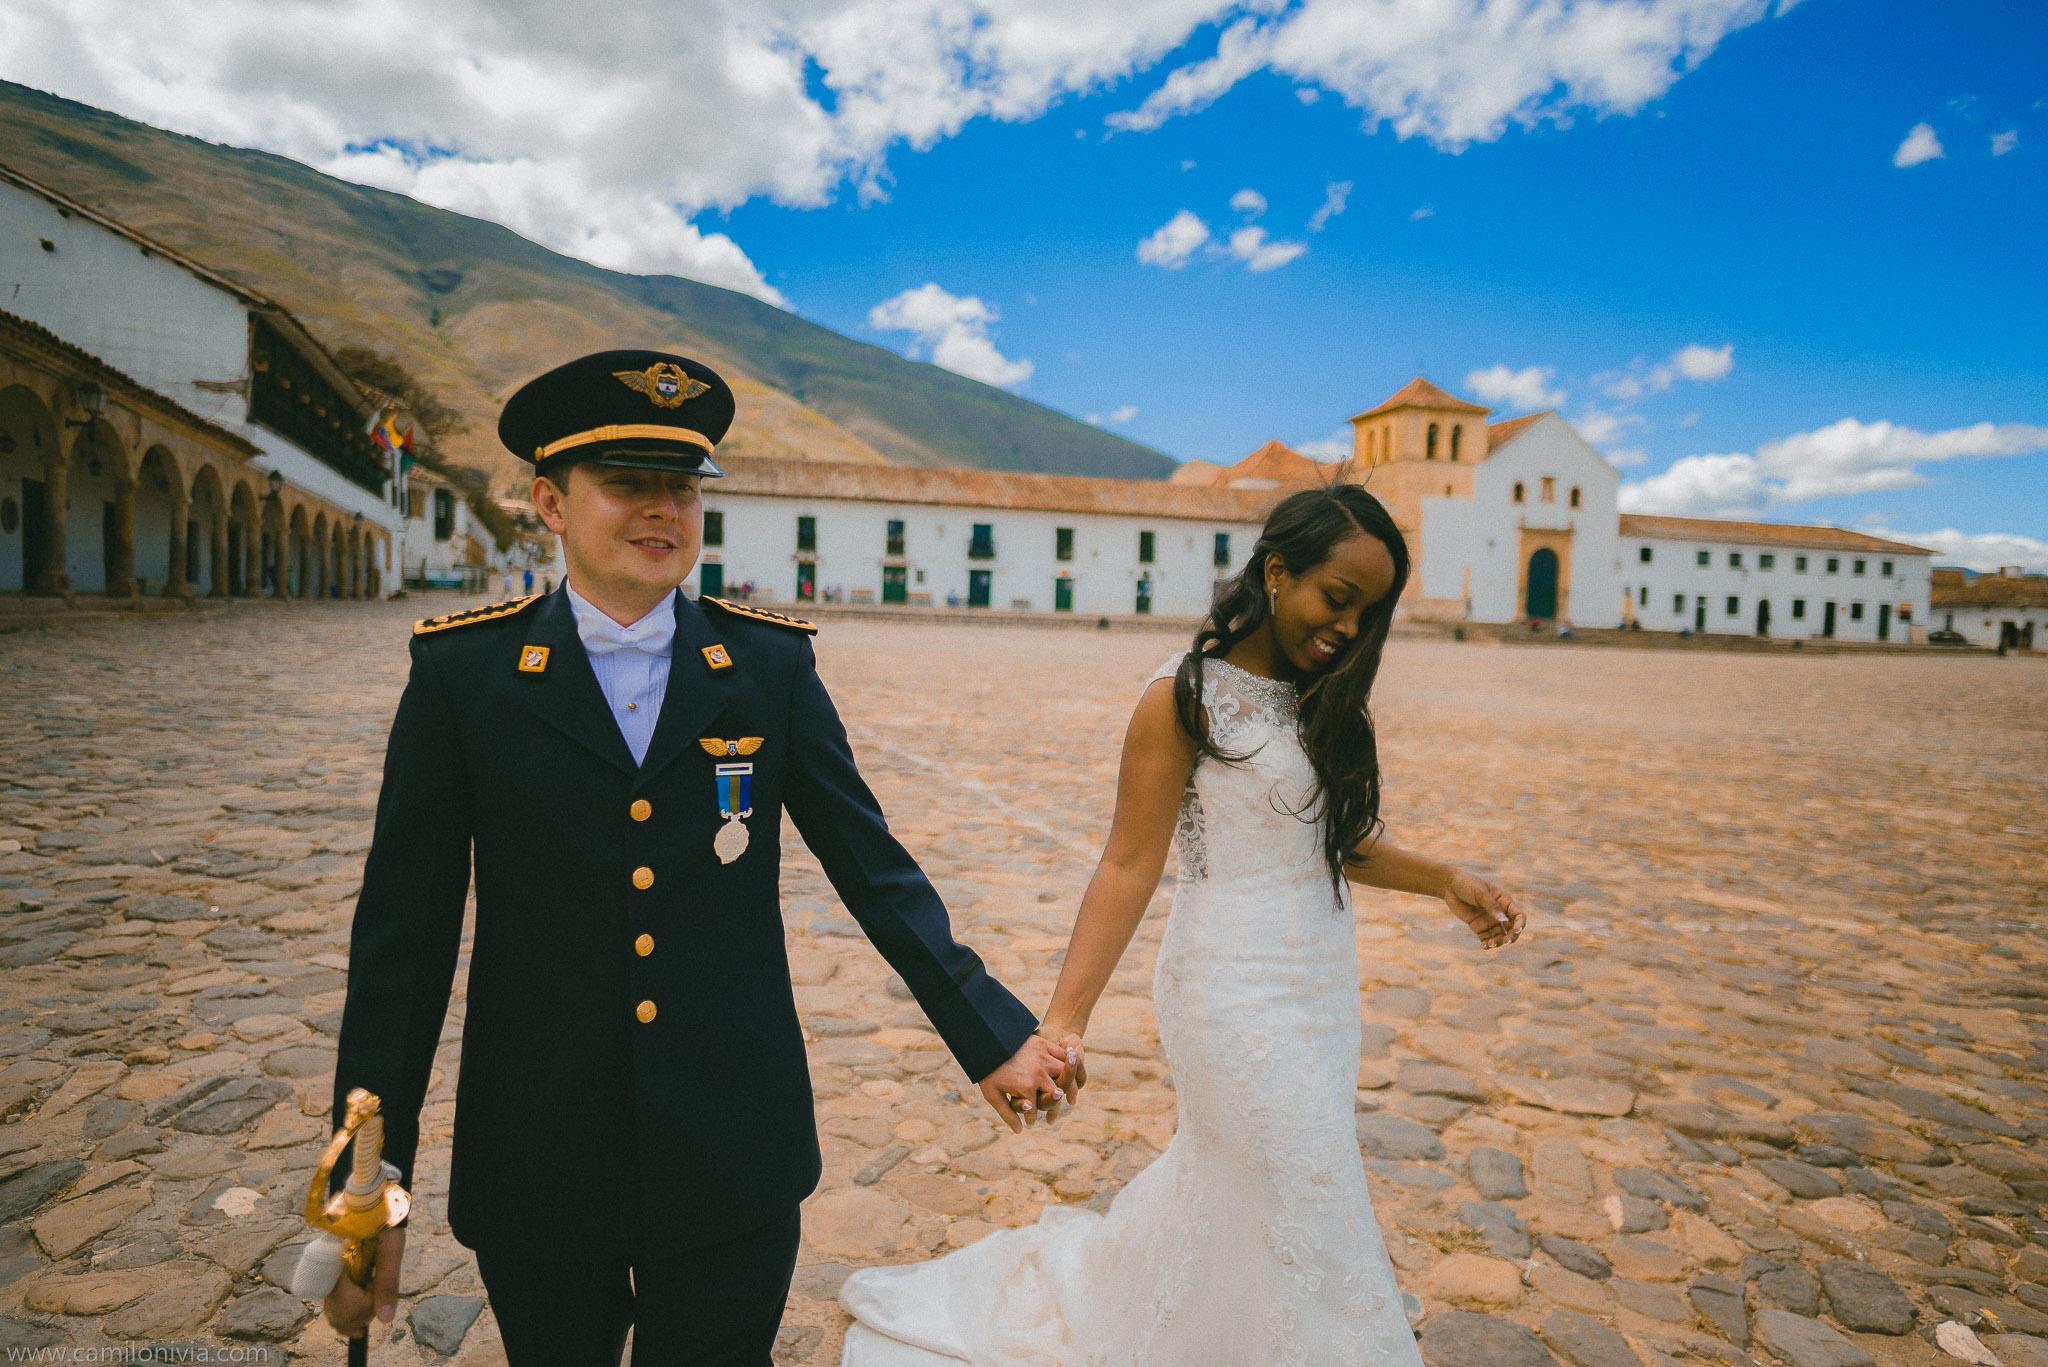 Fotógrafo de bodas en Villa de Leyva, fotos matrimonio Villa de Leyva, foto boda Club Oficiales Villa de Leyva-4